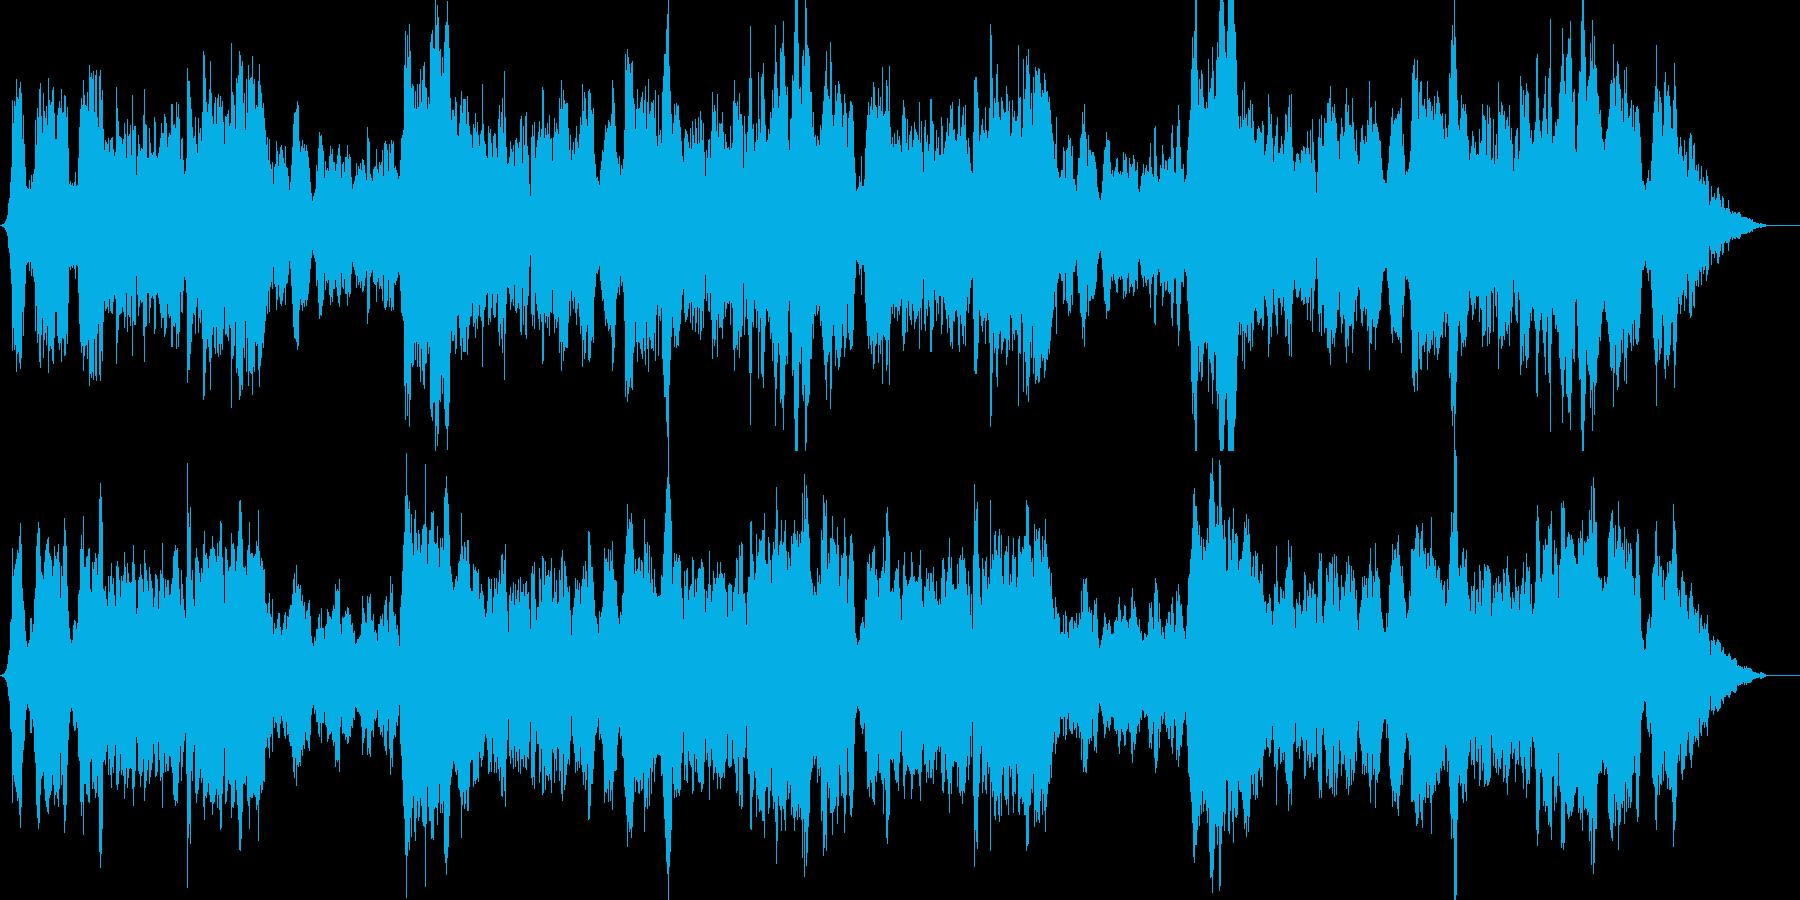 情緒的な旋律のオーケストラ楽曲の再生済みの波形